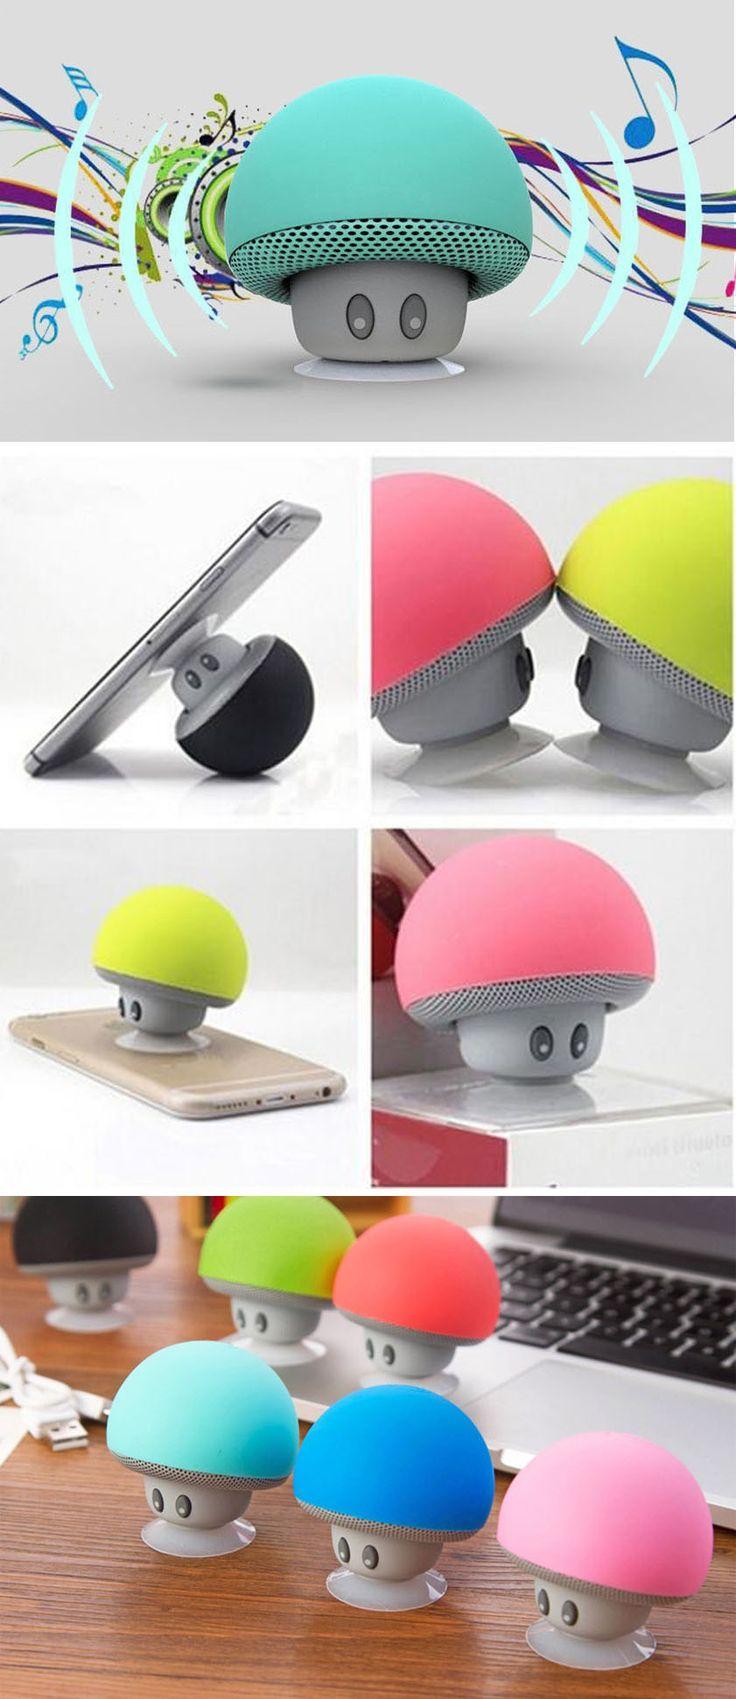 Portable Mario Mushroom Speaker